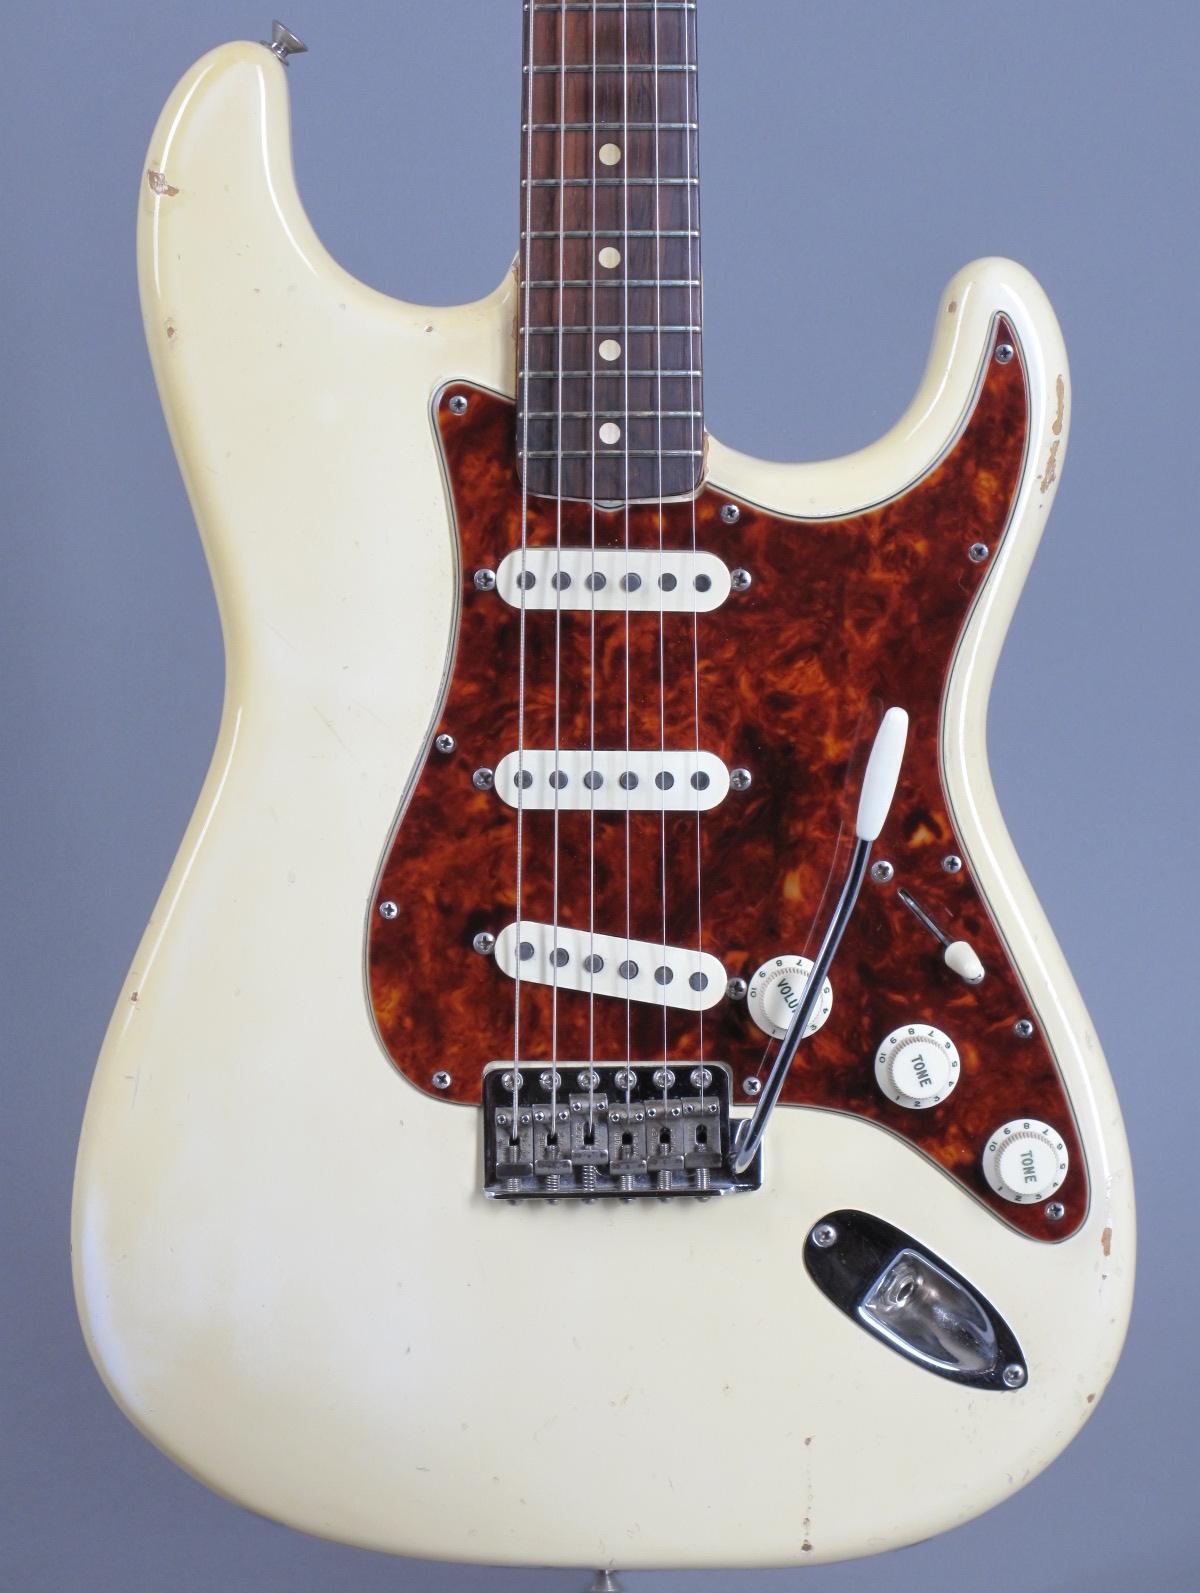 1964 Fender Stratocaster - Olympic White